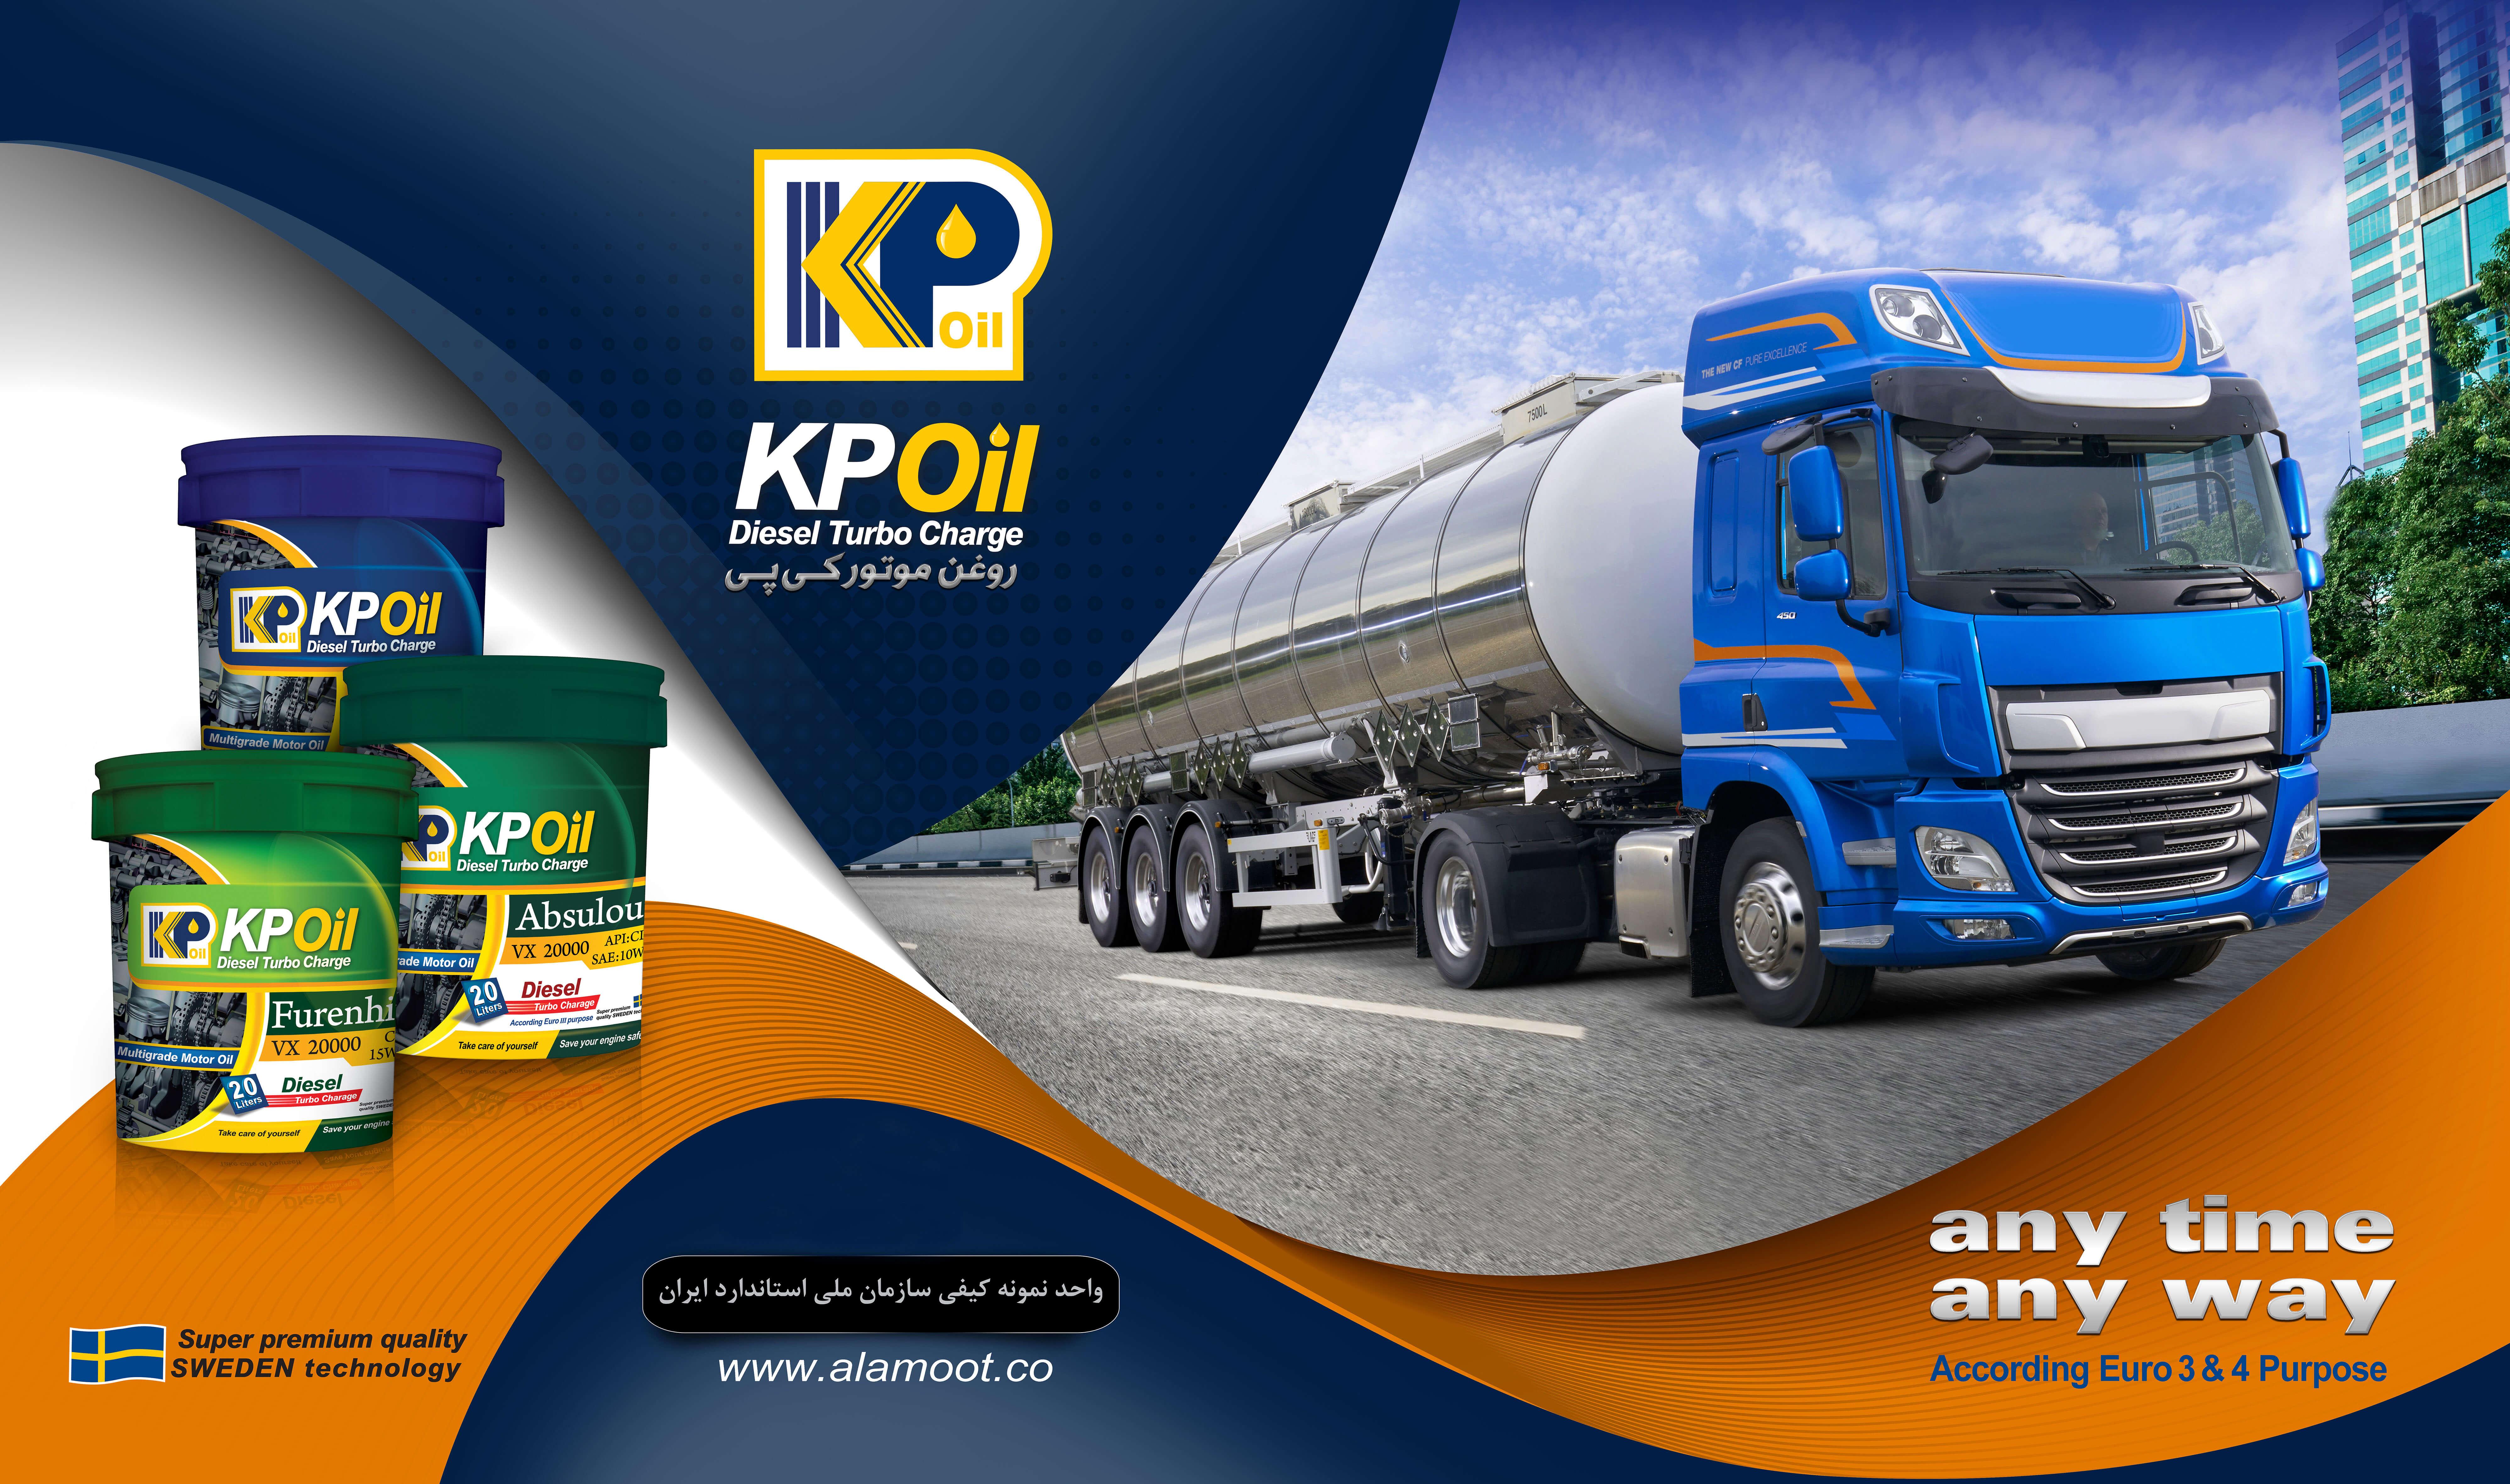 آغاز جشنواره فروش ویژه محصولات KP (کی پی)